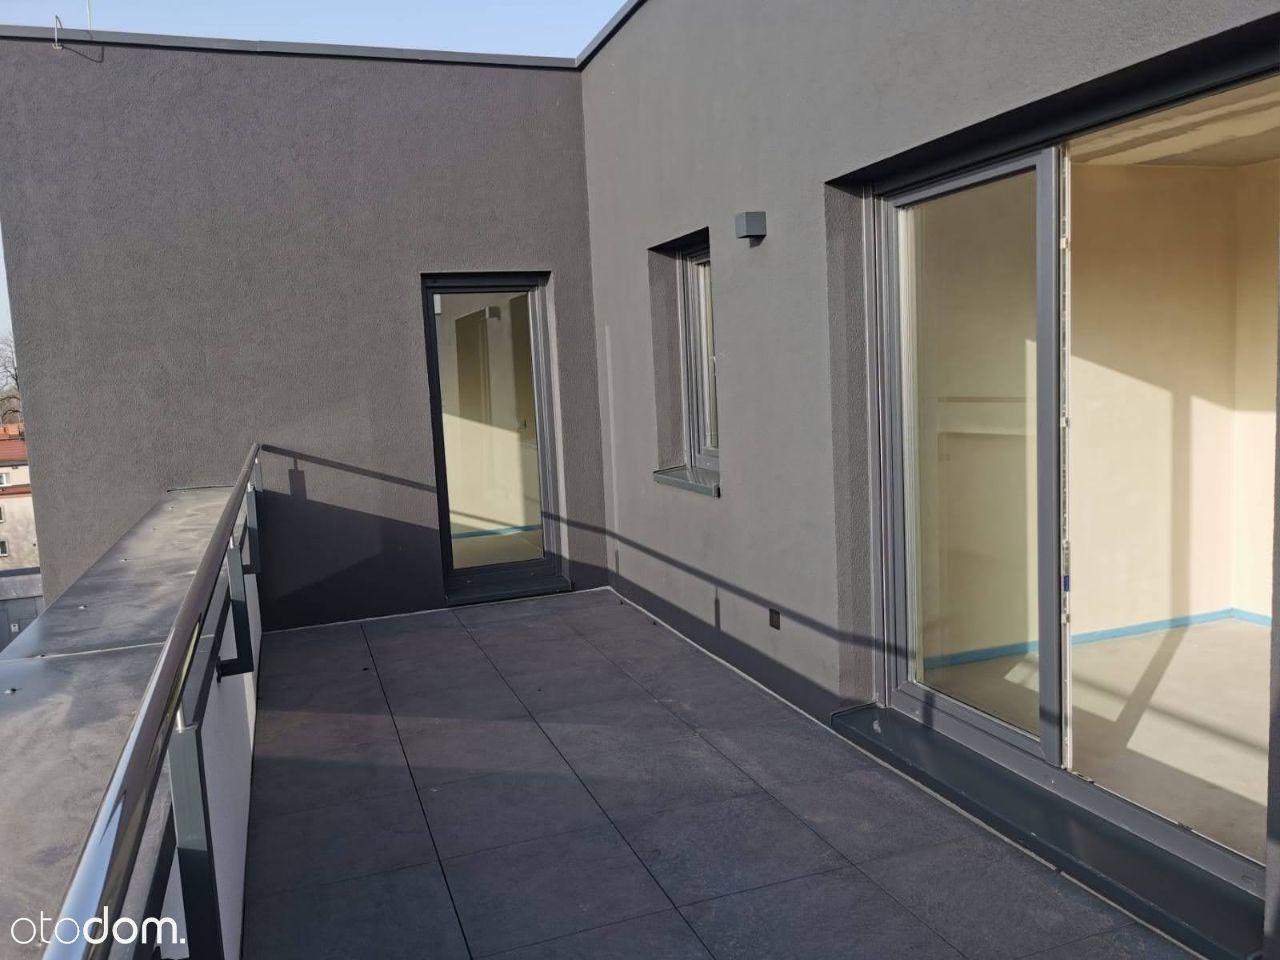 Apartament z tarasem 70,19m2 + 23,34m2